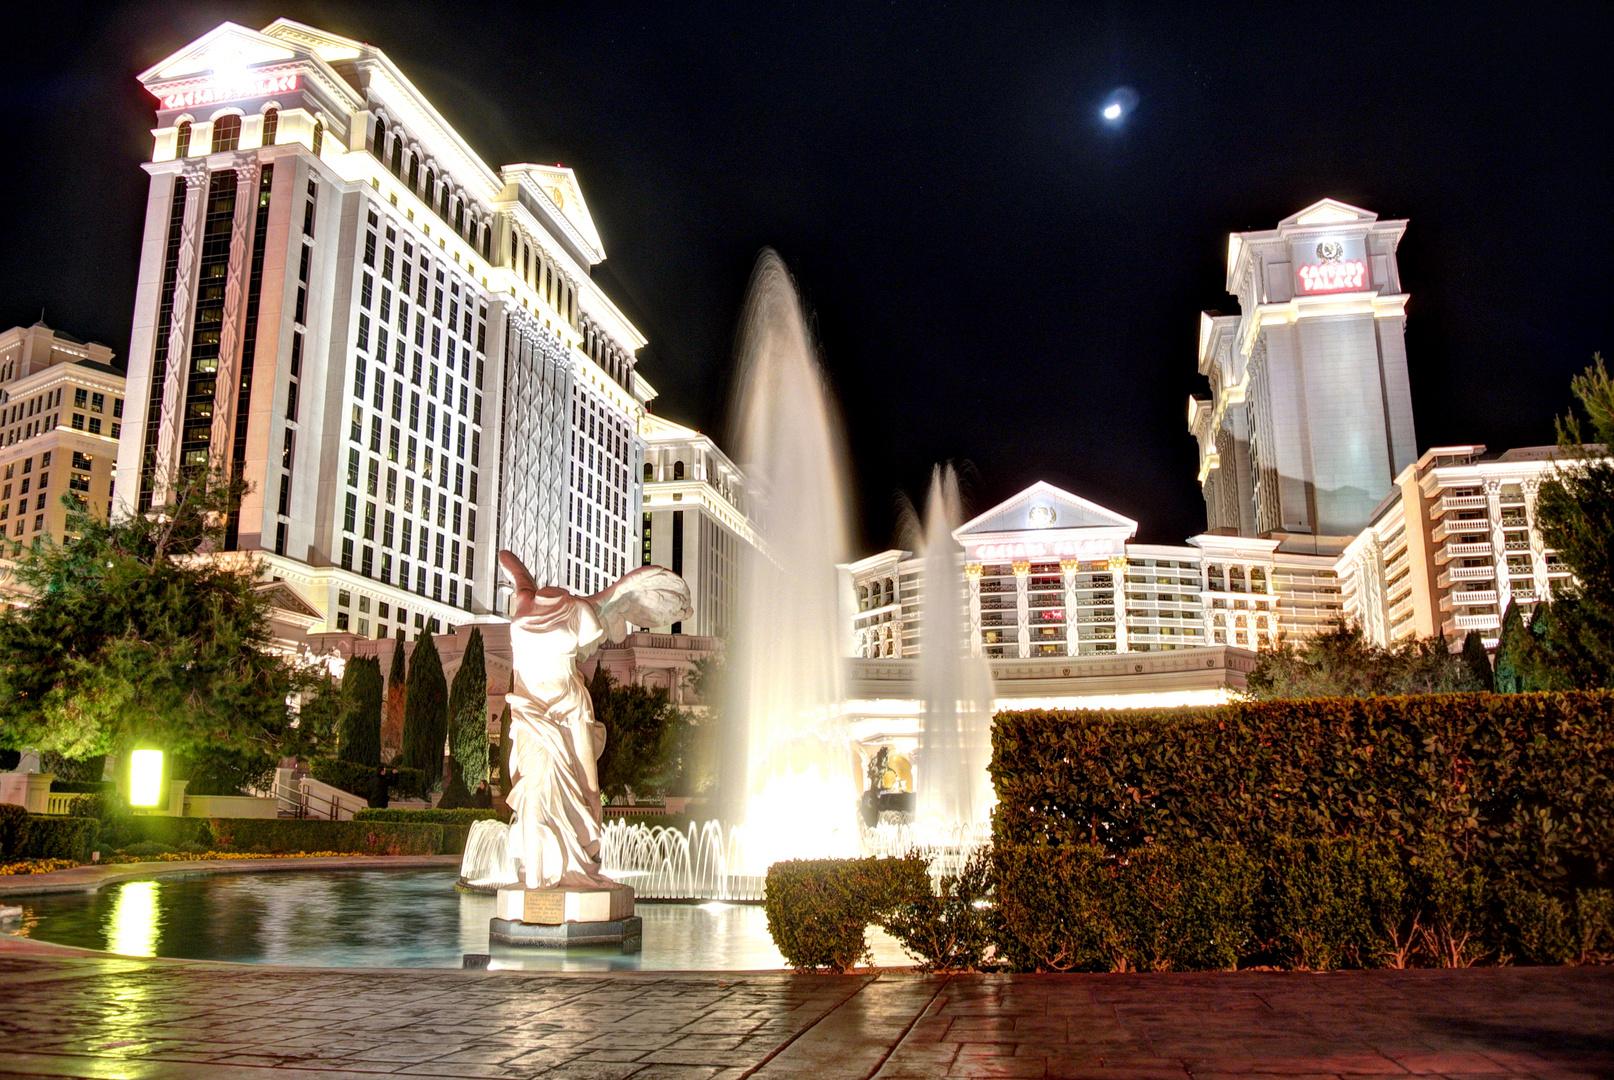 Caesars Palast